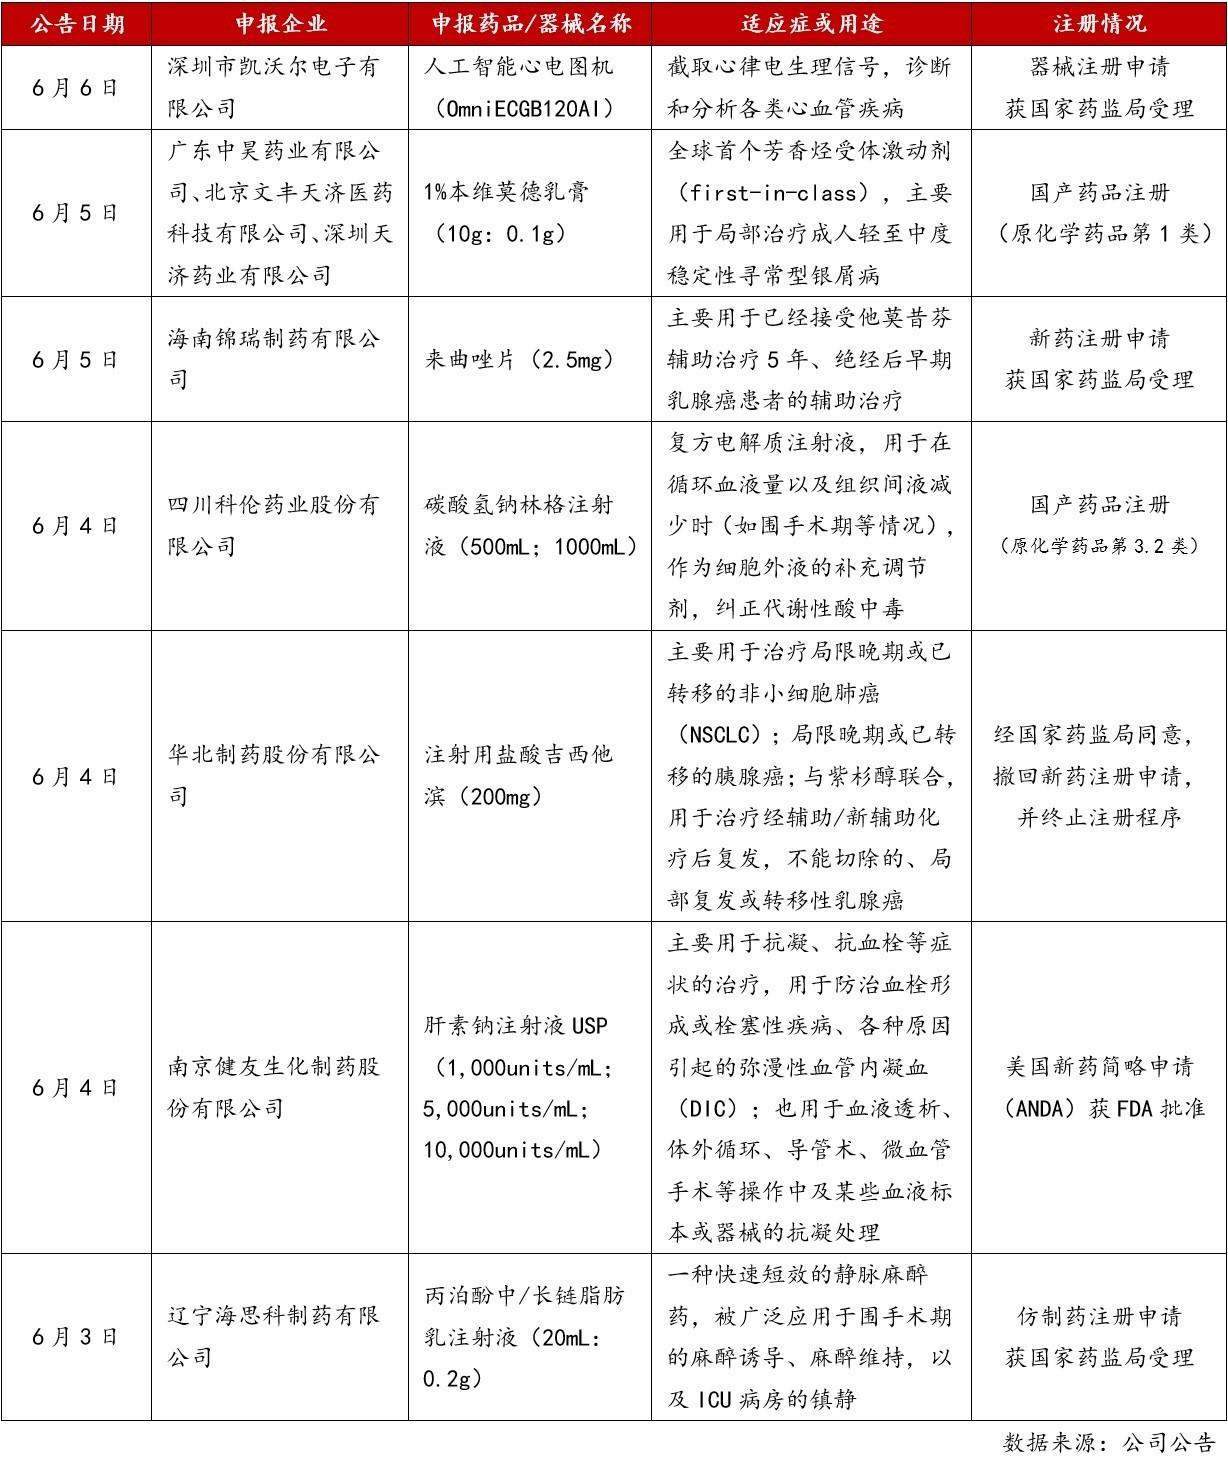 7. 本周新药注册进展记录.jpg